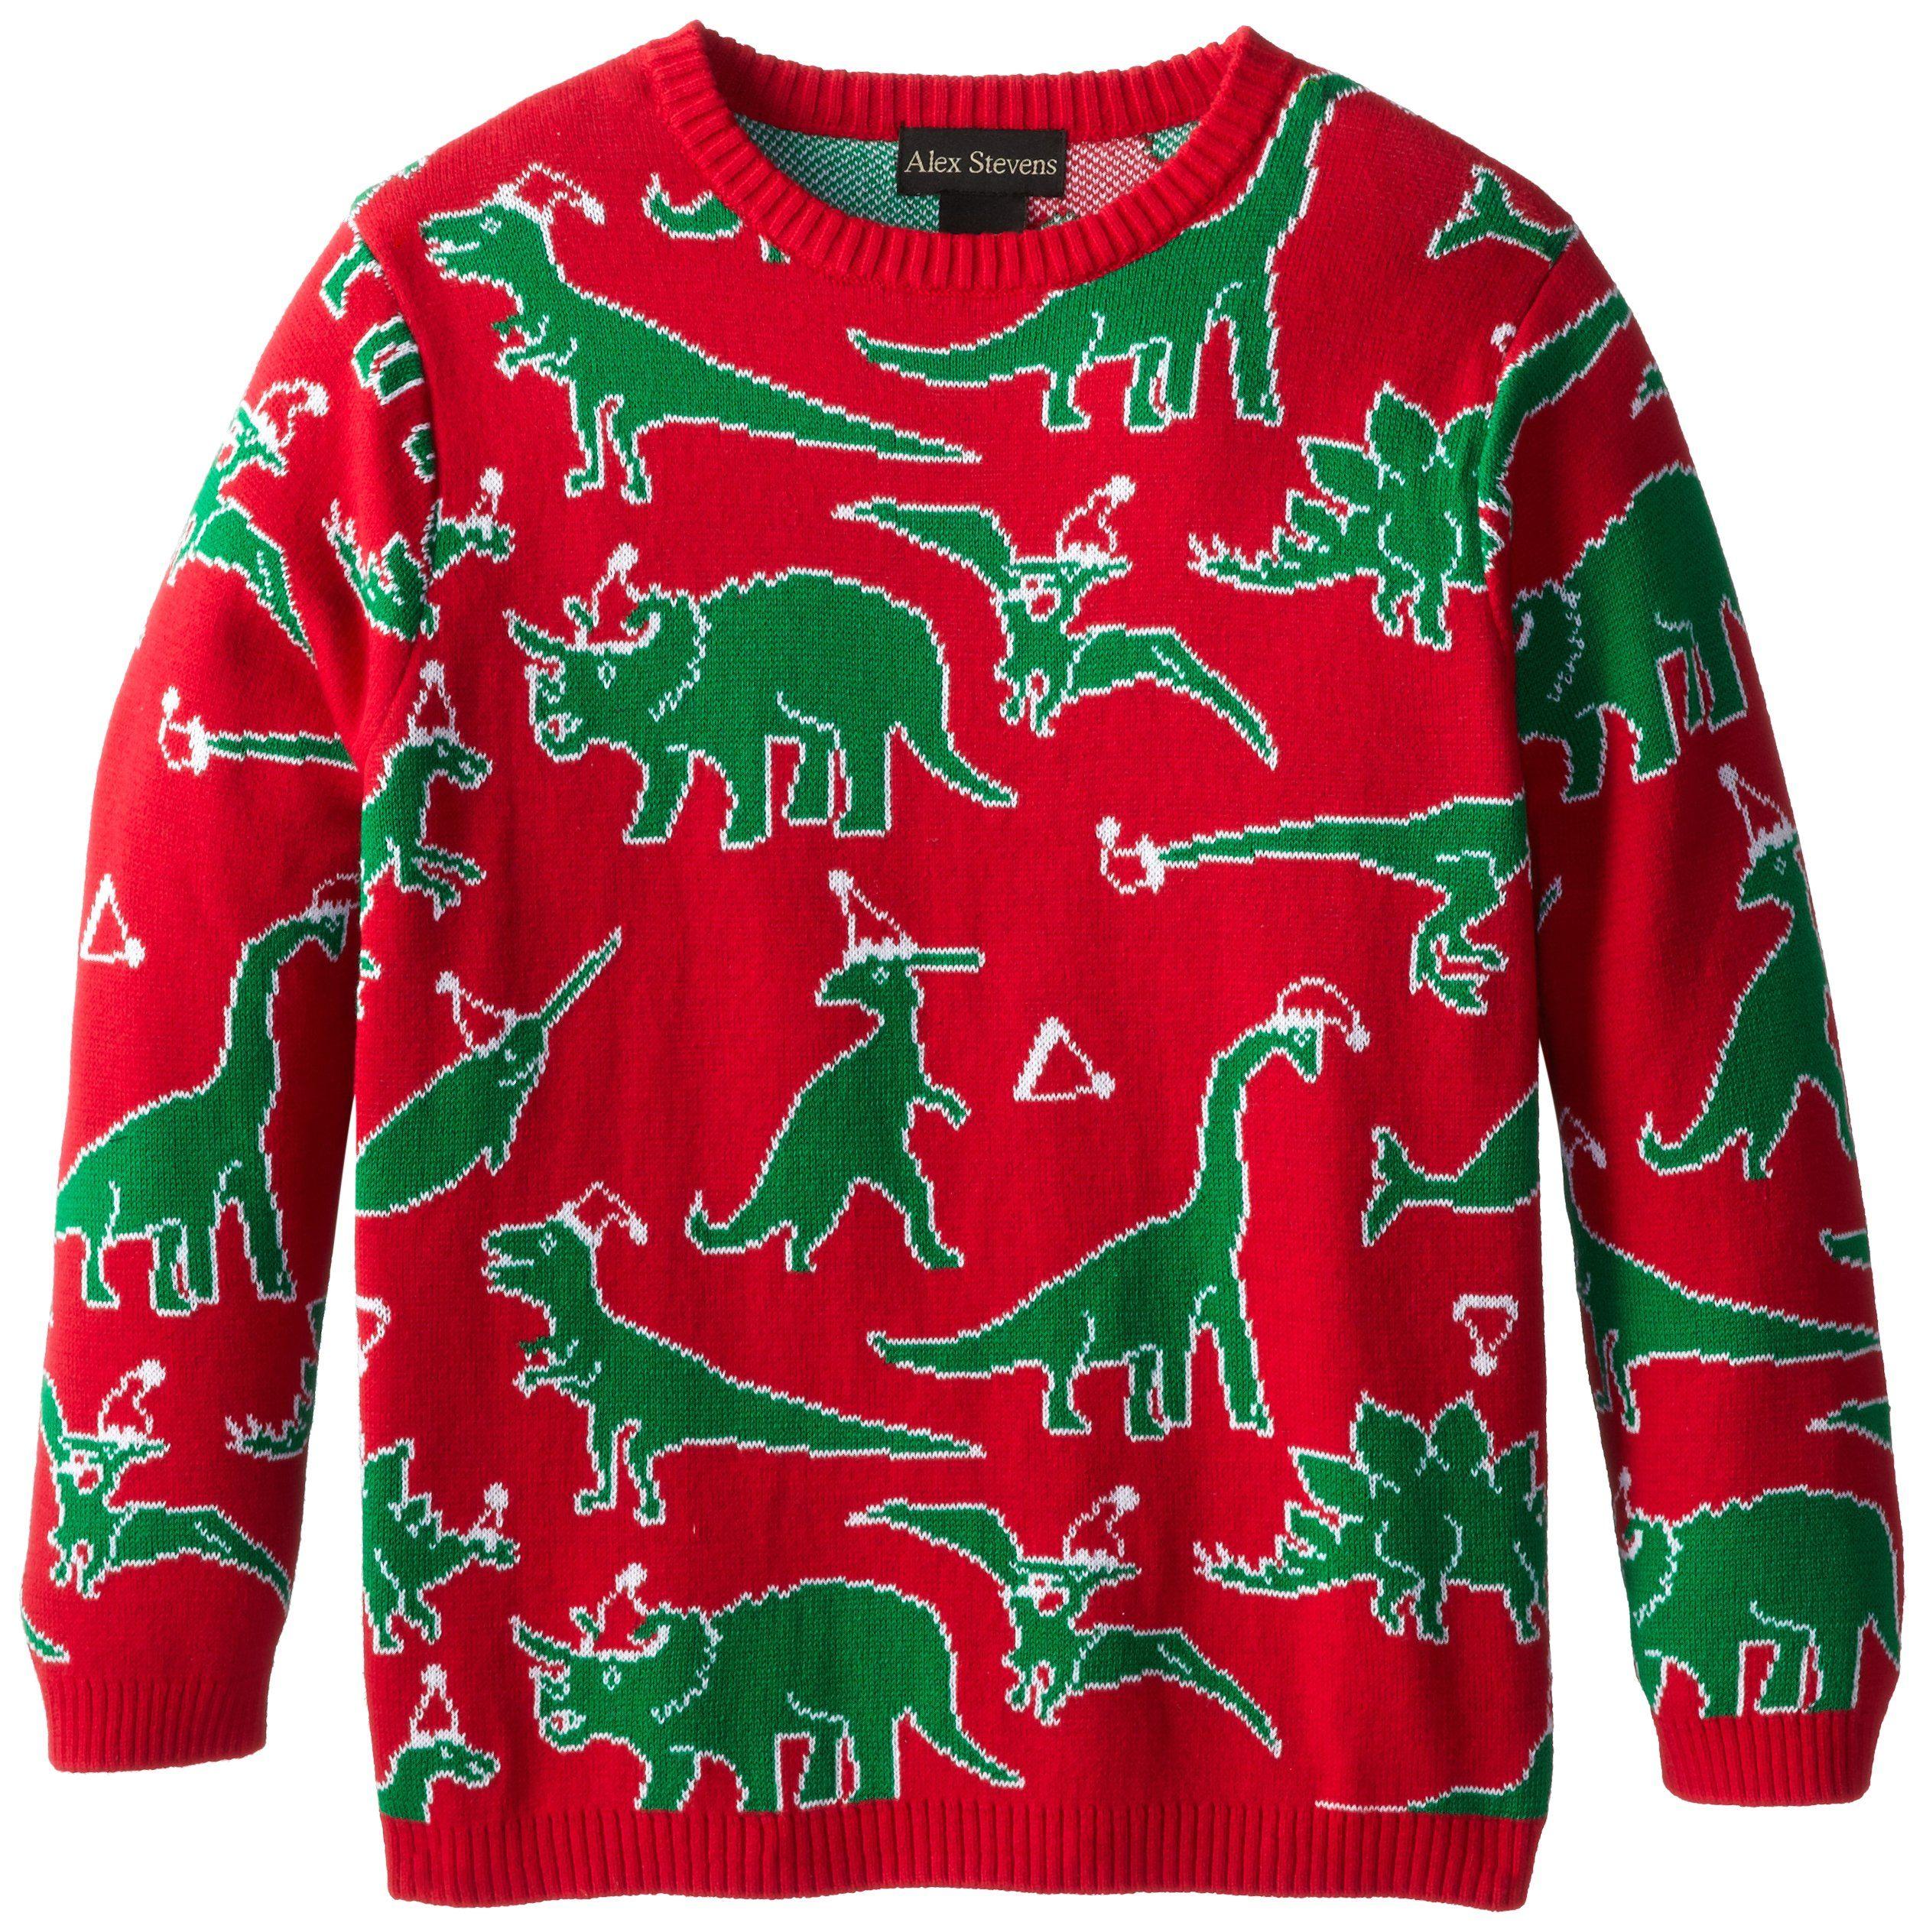 Dinosaur Christmas Sweater.Pin On Christmas Sweater